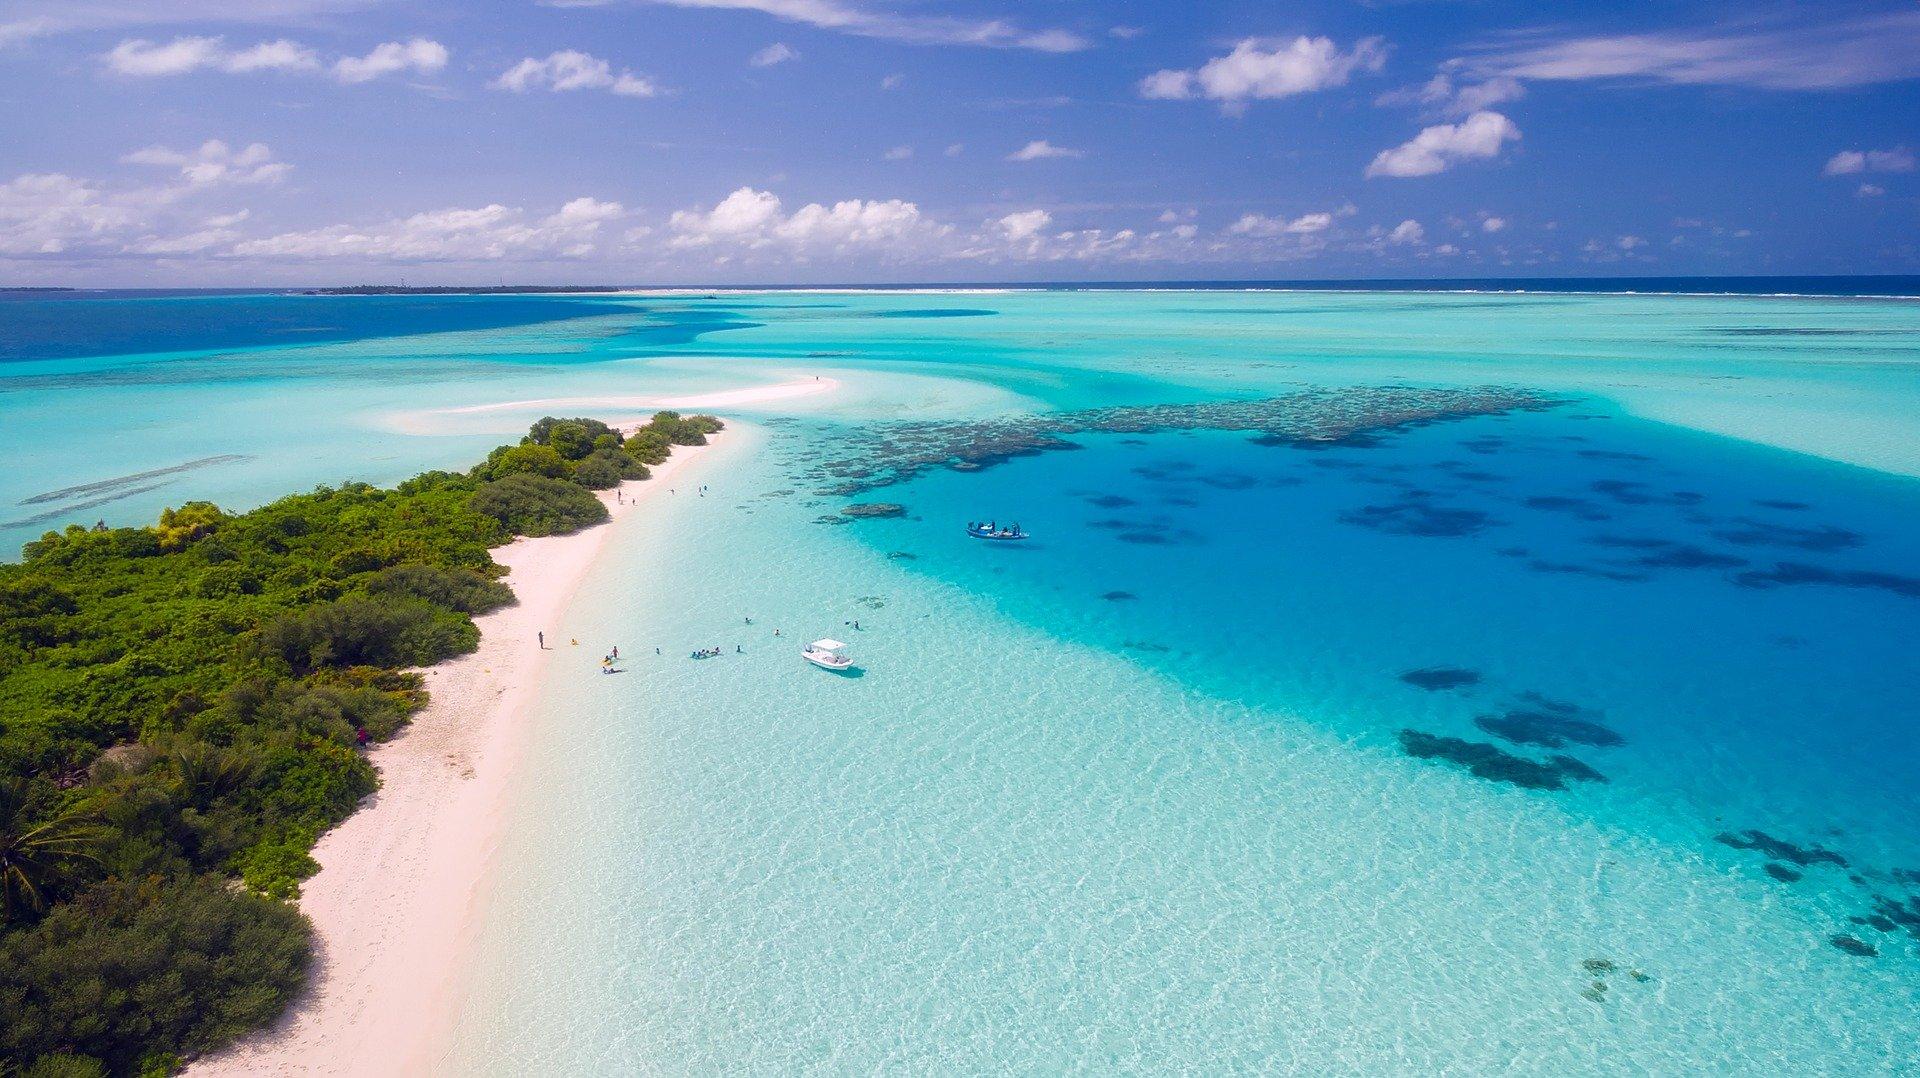 Malediven Reise - buchen ab 980,99€ | Schnäppchen Reisen